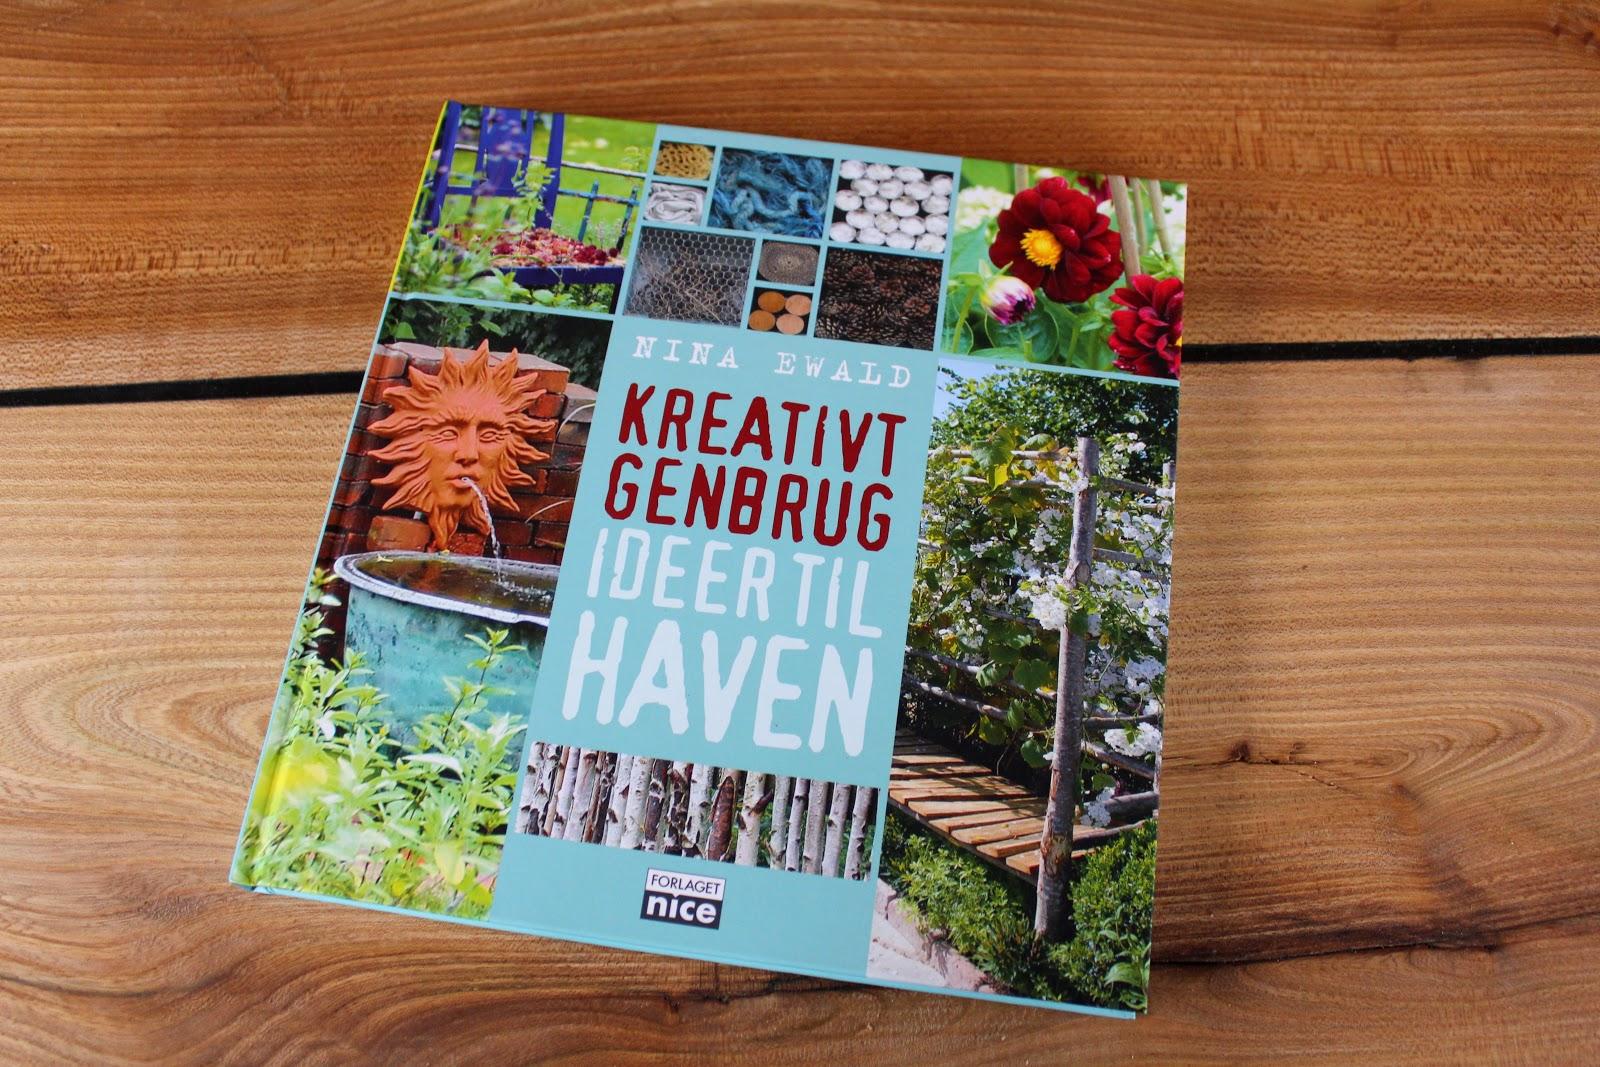 ævlebævle: Ny bog om Kreativ genbrug til haven